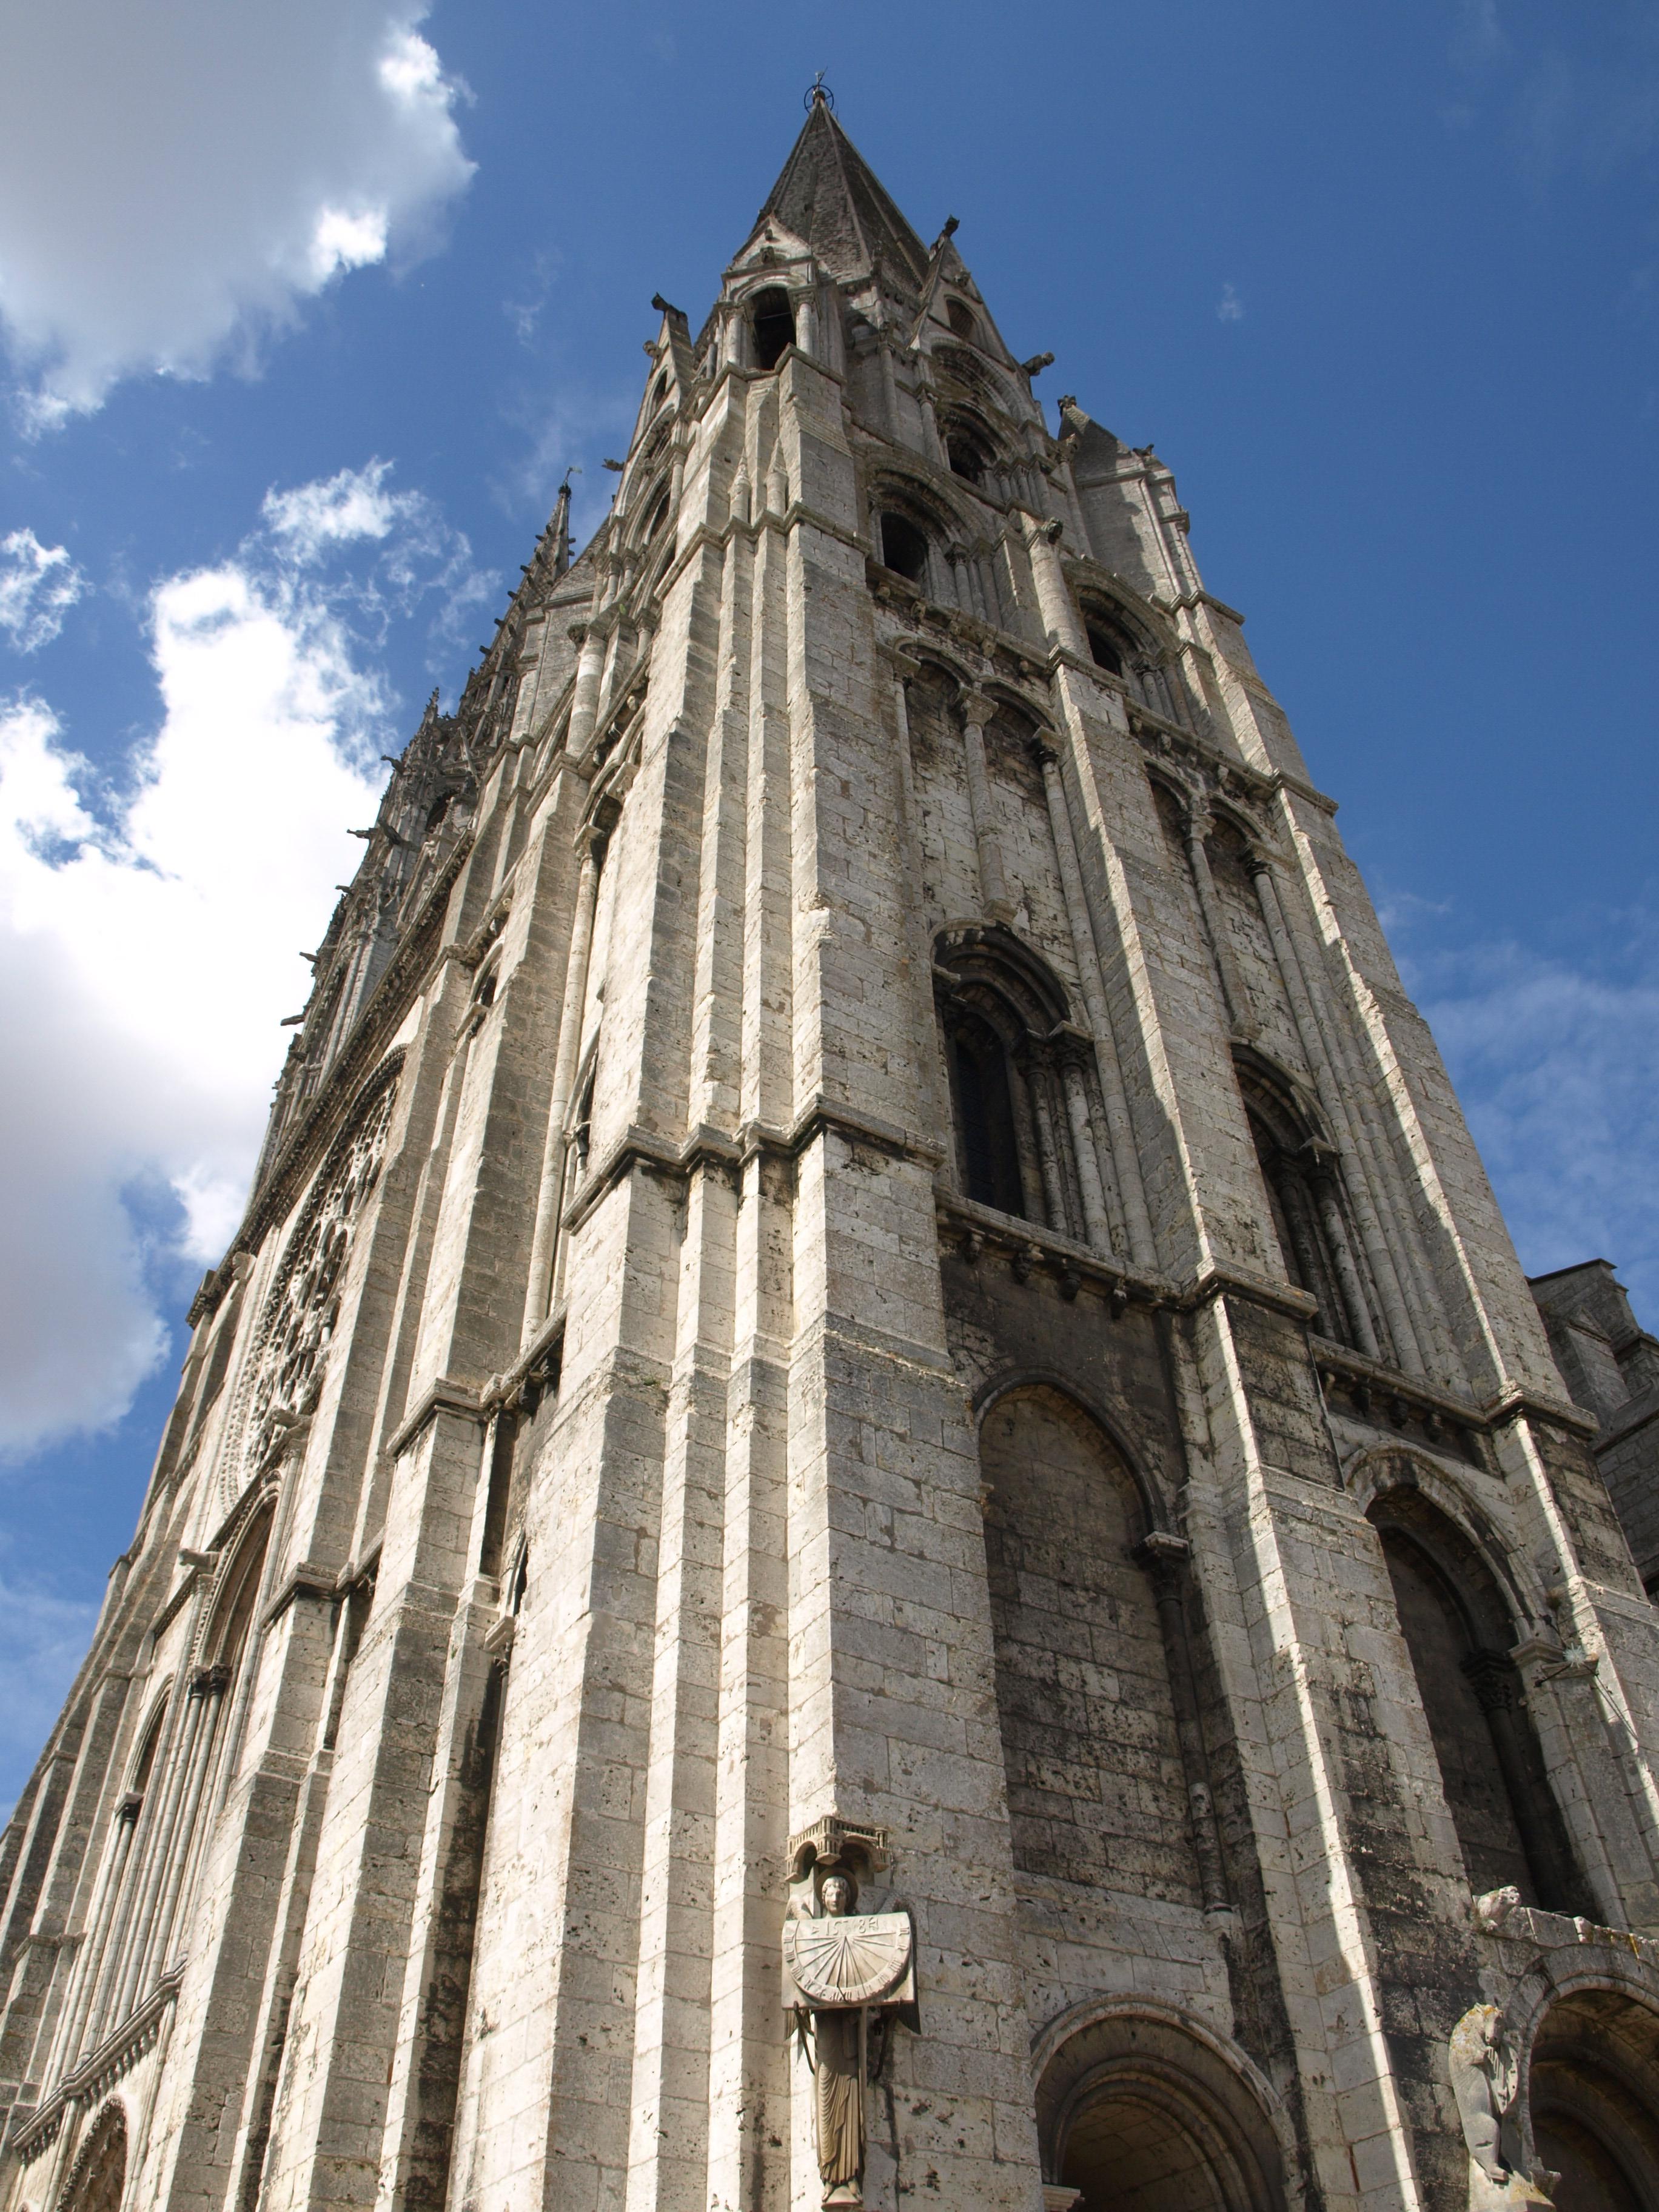 Francie - Bretaň - Chartres, nižší, jihozápadní věž, 105 m vysoká, románská, z roku 1105